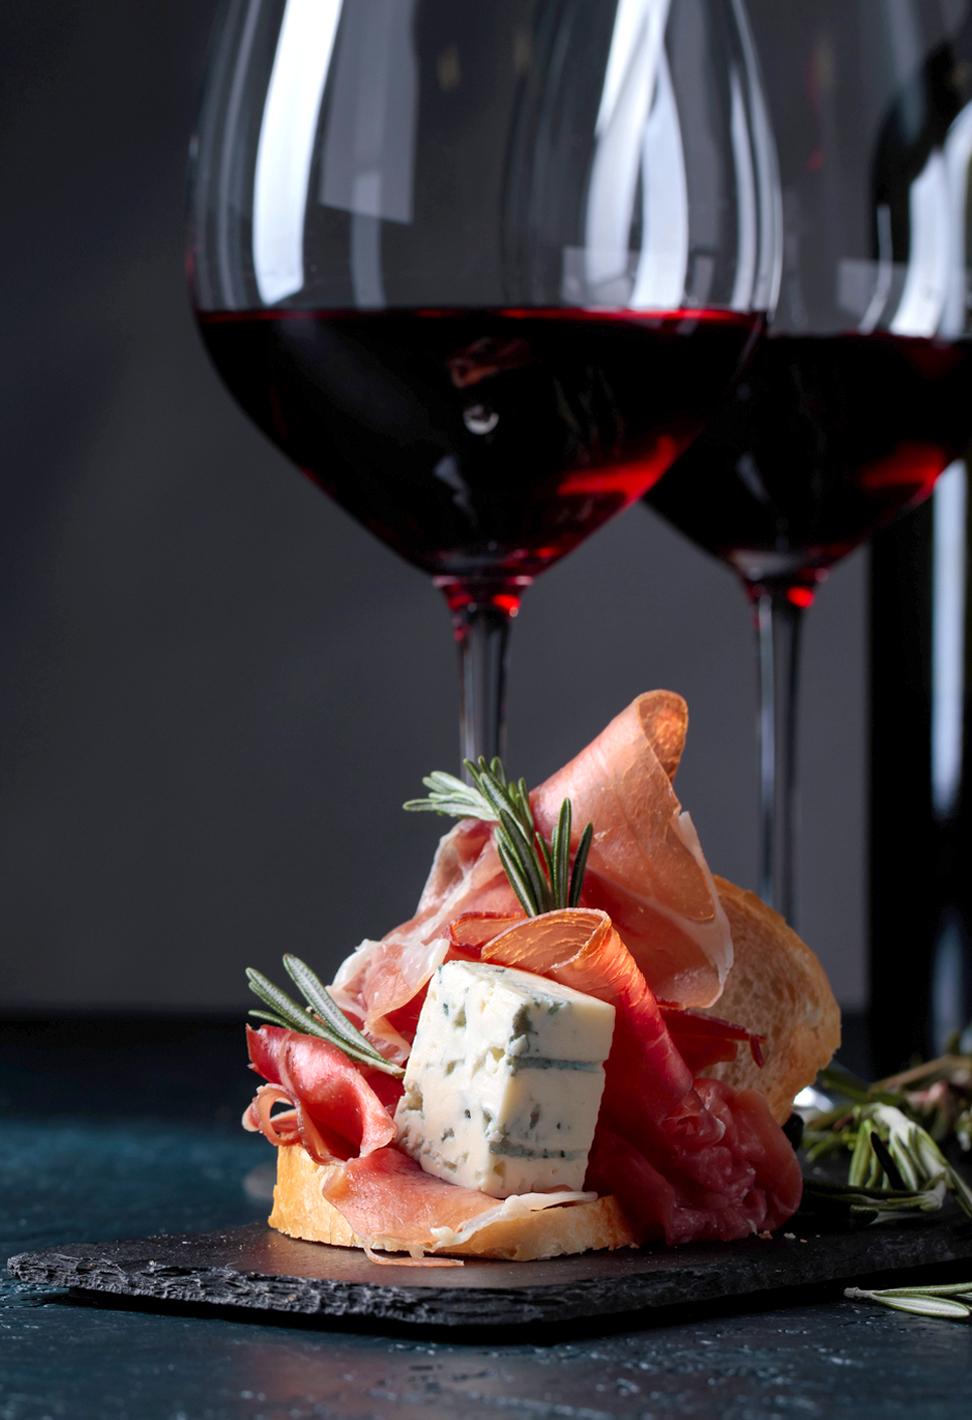 OM VINHØSTEN - Vinhøsten 2018En mat- og vinfest med Fursetgruppen & Moestue GroupFursetgruppen og Moestue Group inviterer til Vinhøsten 2018, en annerledes mat -og vinfest på Gamle Logen lørdag 27. oktober. Her blir det god anledning til å prøve ut mat og vin på nye måter. Denne lørdagen åpner vi dørene for alle mat- og vinelskere som får smake på mat og drikke fra 30 ulike stands, samt anledning til mer prøvesmaking gjennom «master classes» hvor man kan lære fra noen av landets ledende spesialister på ost, mat og vin.Vinprodusentene er i byen hele helgen, så vi starter mat-og vinfesten allerede fredag 26. oktober med tre ulike Winemaker's Dinners og avslutter lørdagen med «after party» i vinkjelleren på Grand Café etter messen.Vi ses på Vinhøsten 2018!